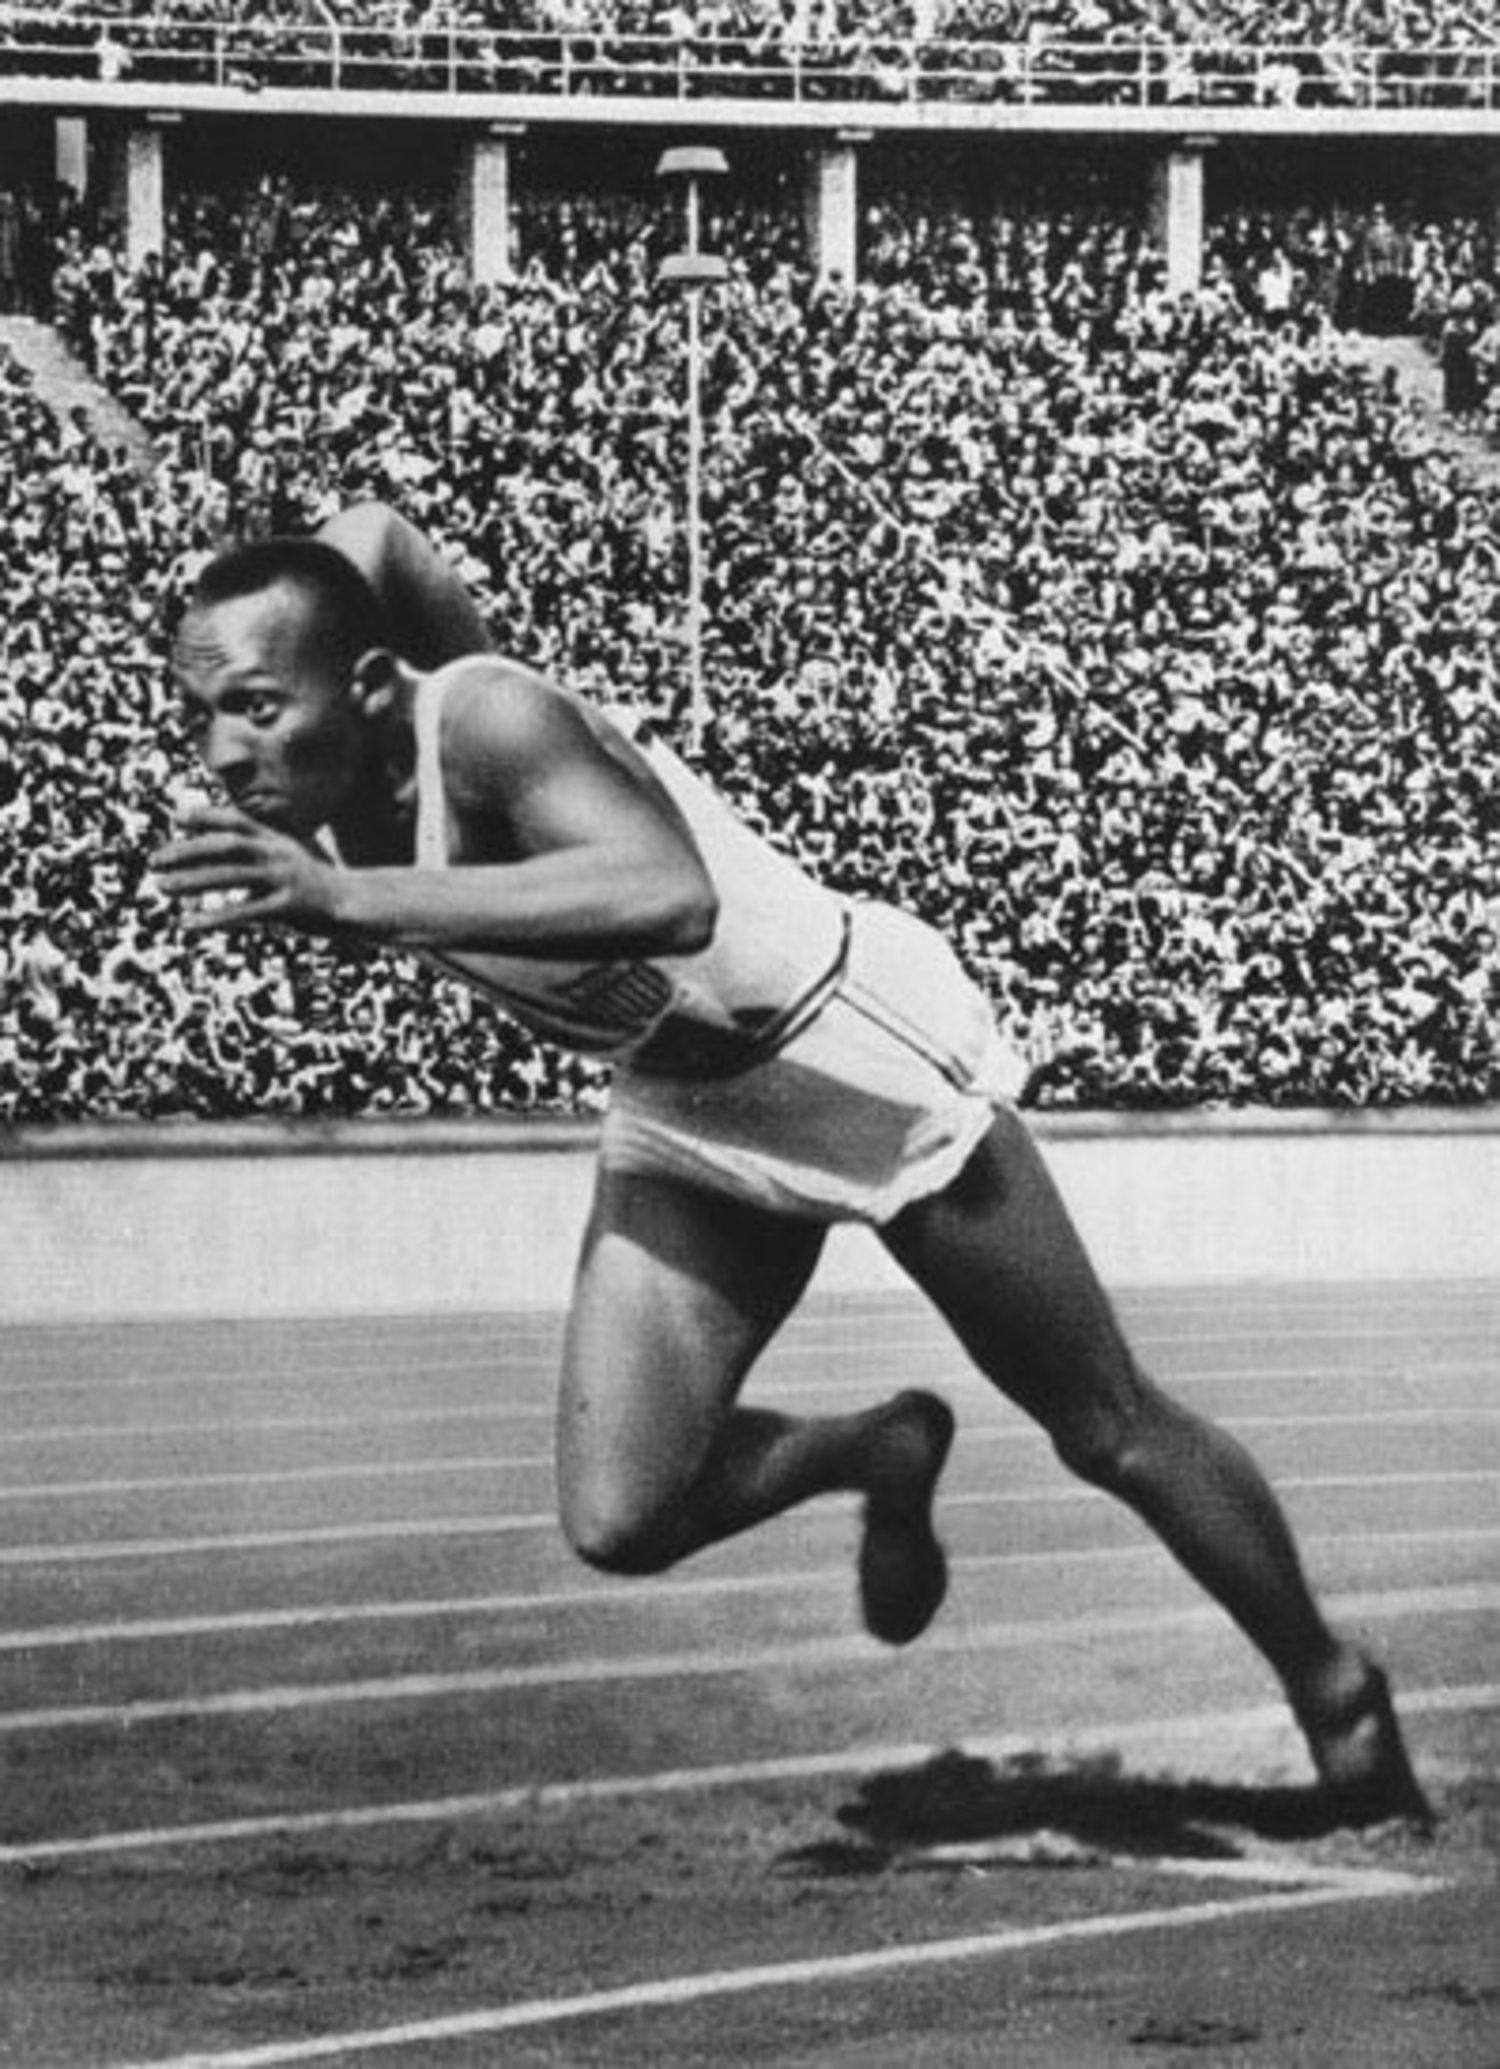 Jesse Owens ganó 4 medallas de oro en las Olimpiadas de Berlín 1936. El atleta norteamericano utilizó el calzado diseñado por los Dassler.